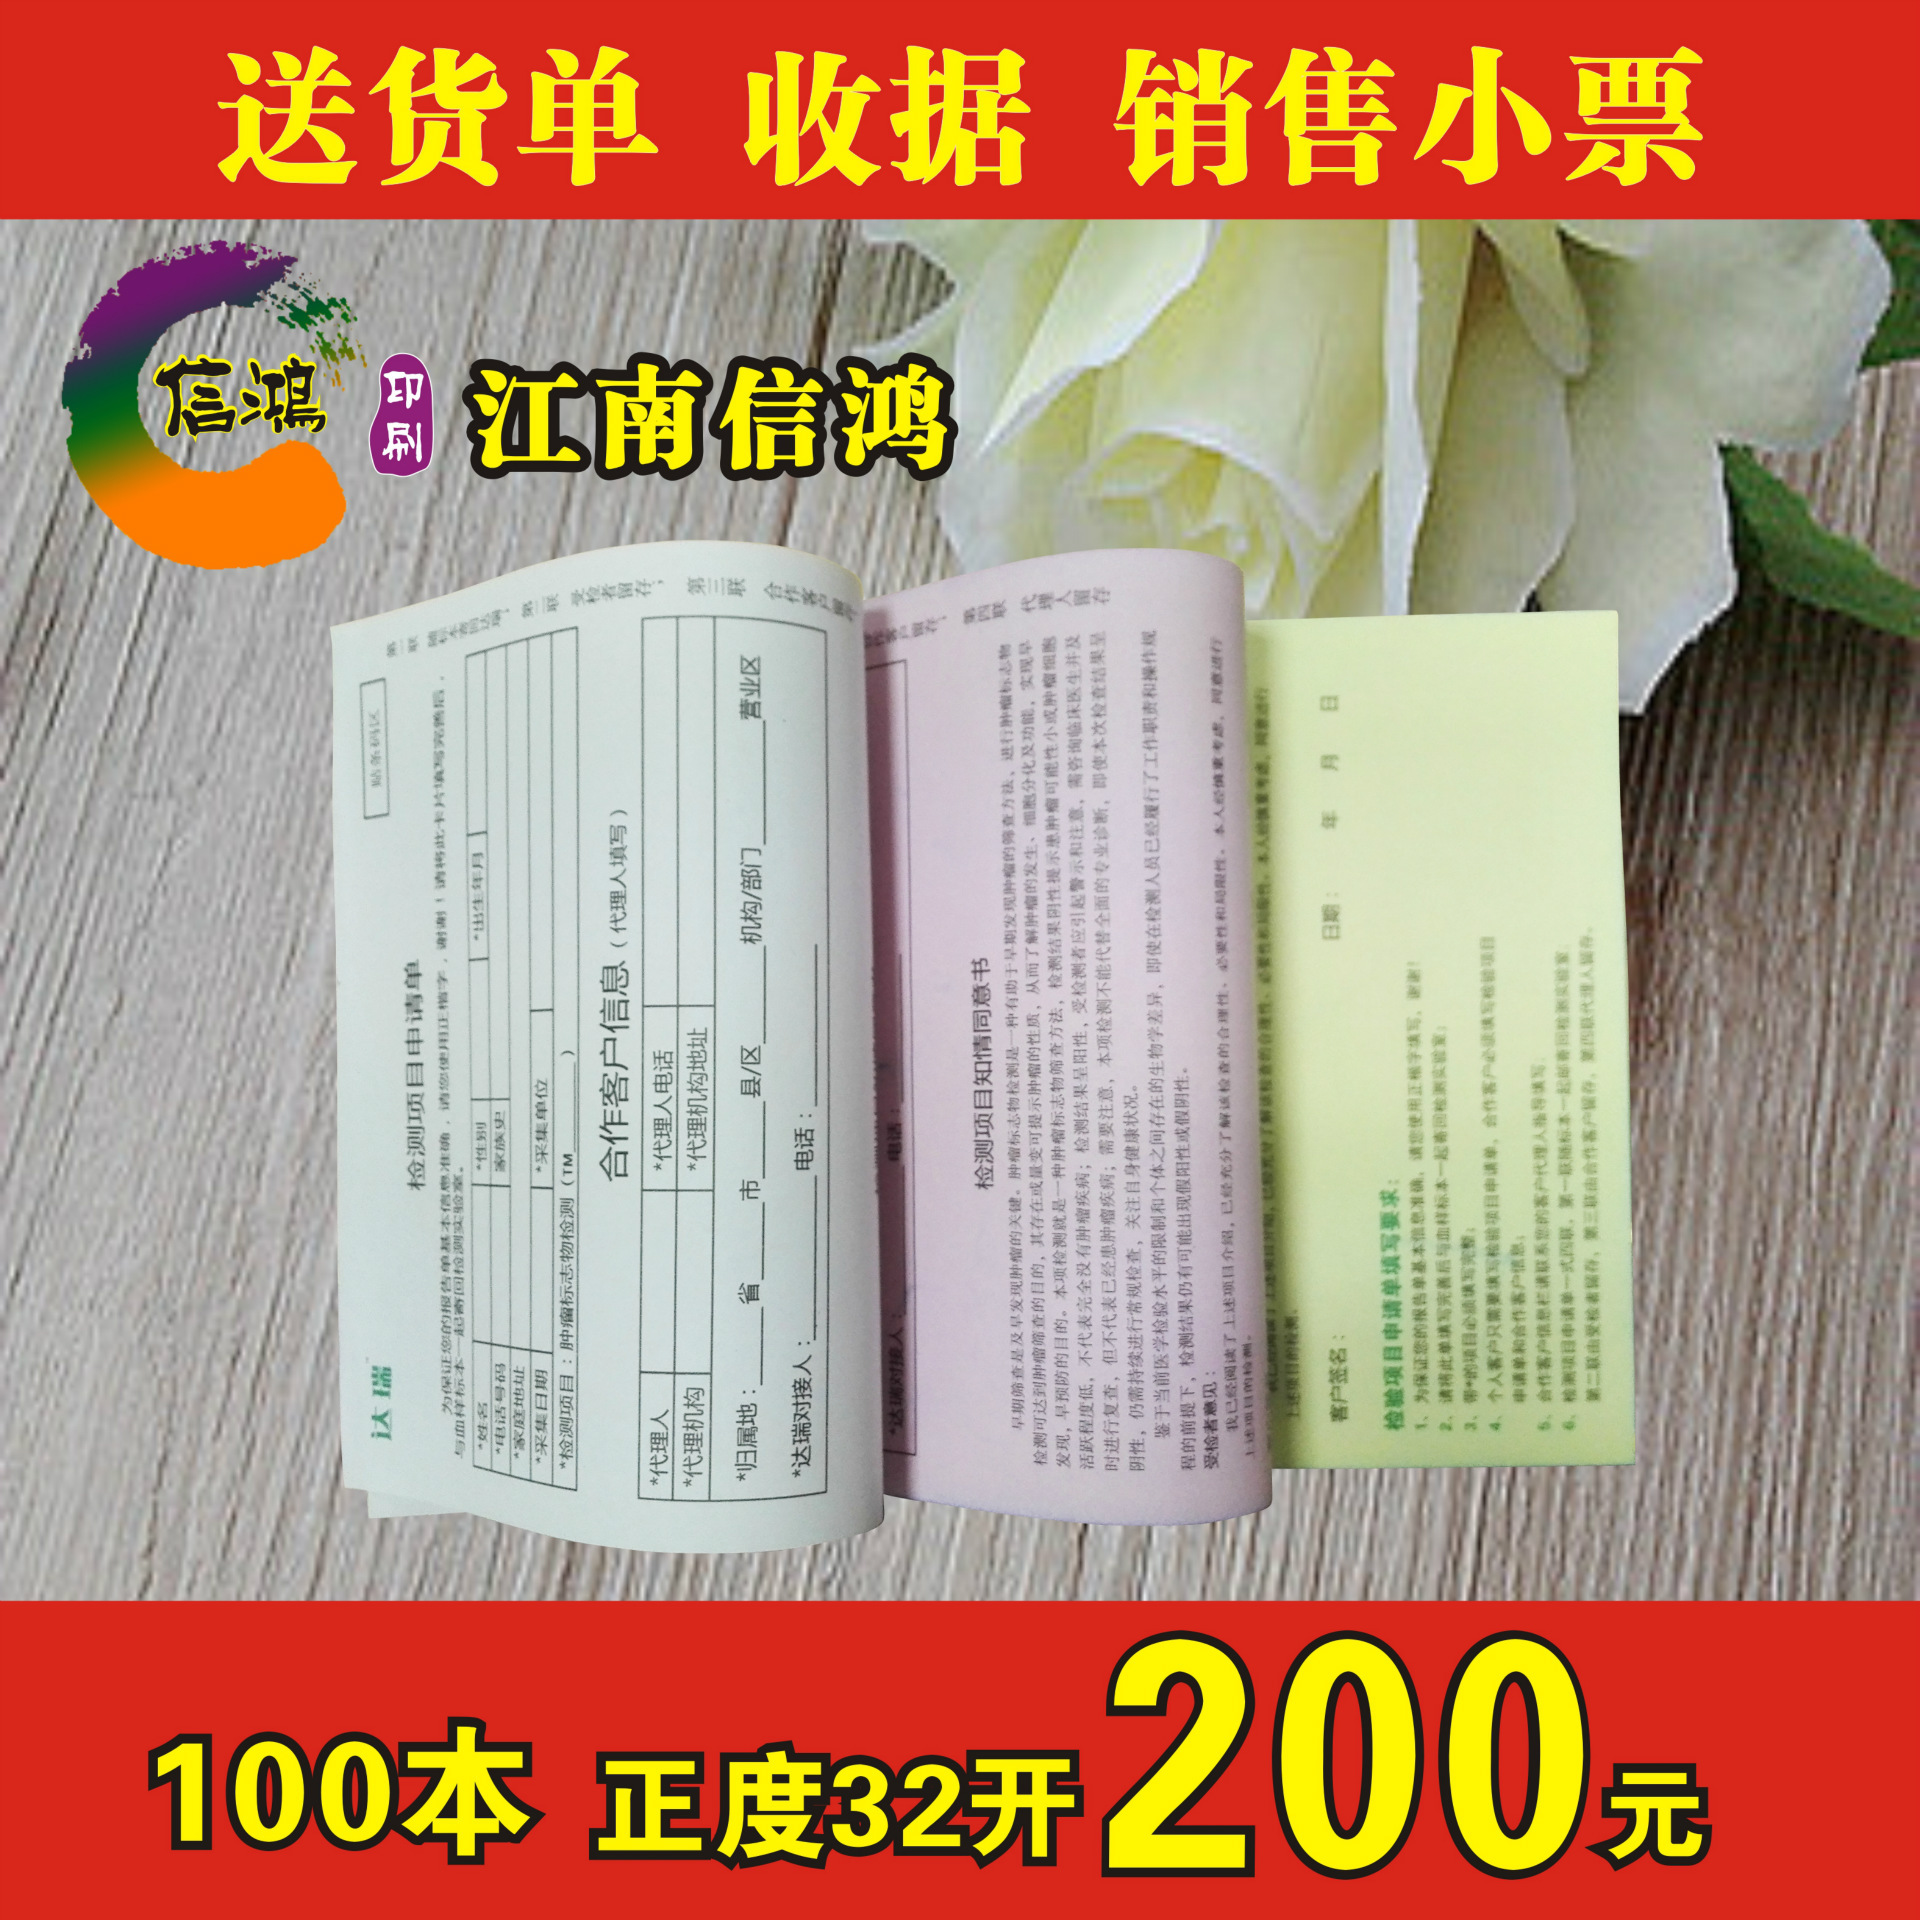 专业印刷无碳纸收据 文教类产品印刷 按客户要求 无碳纸